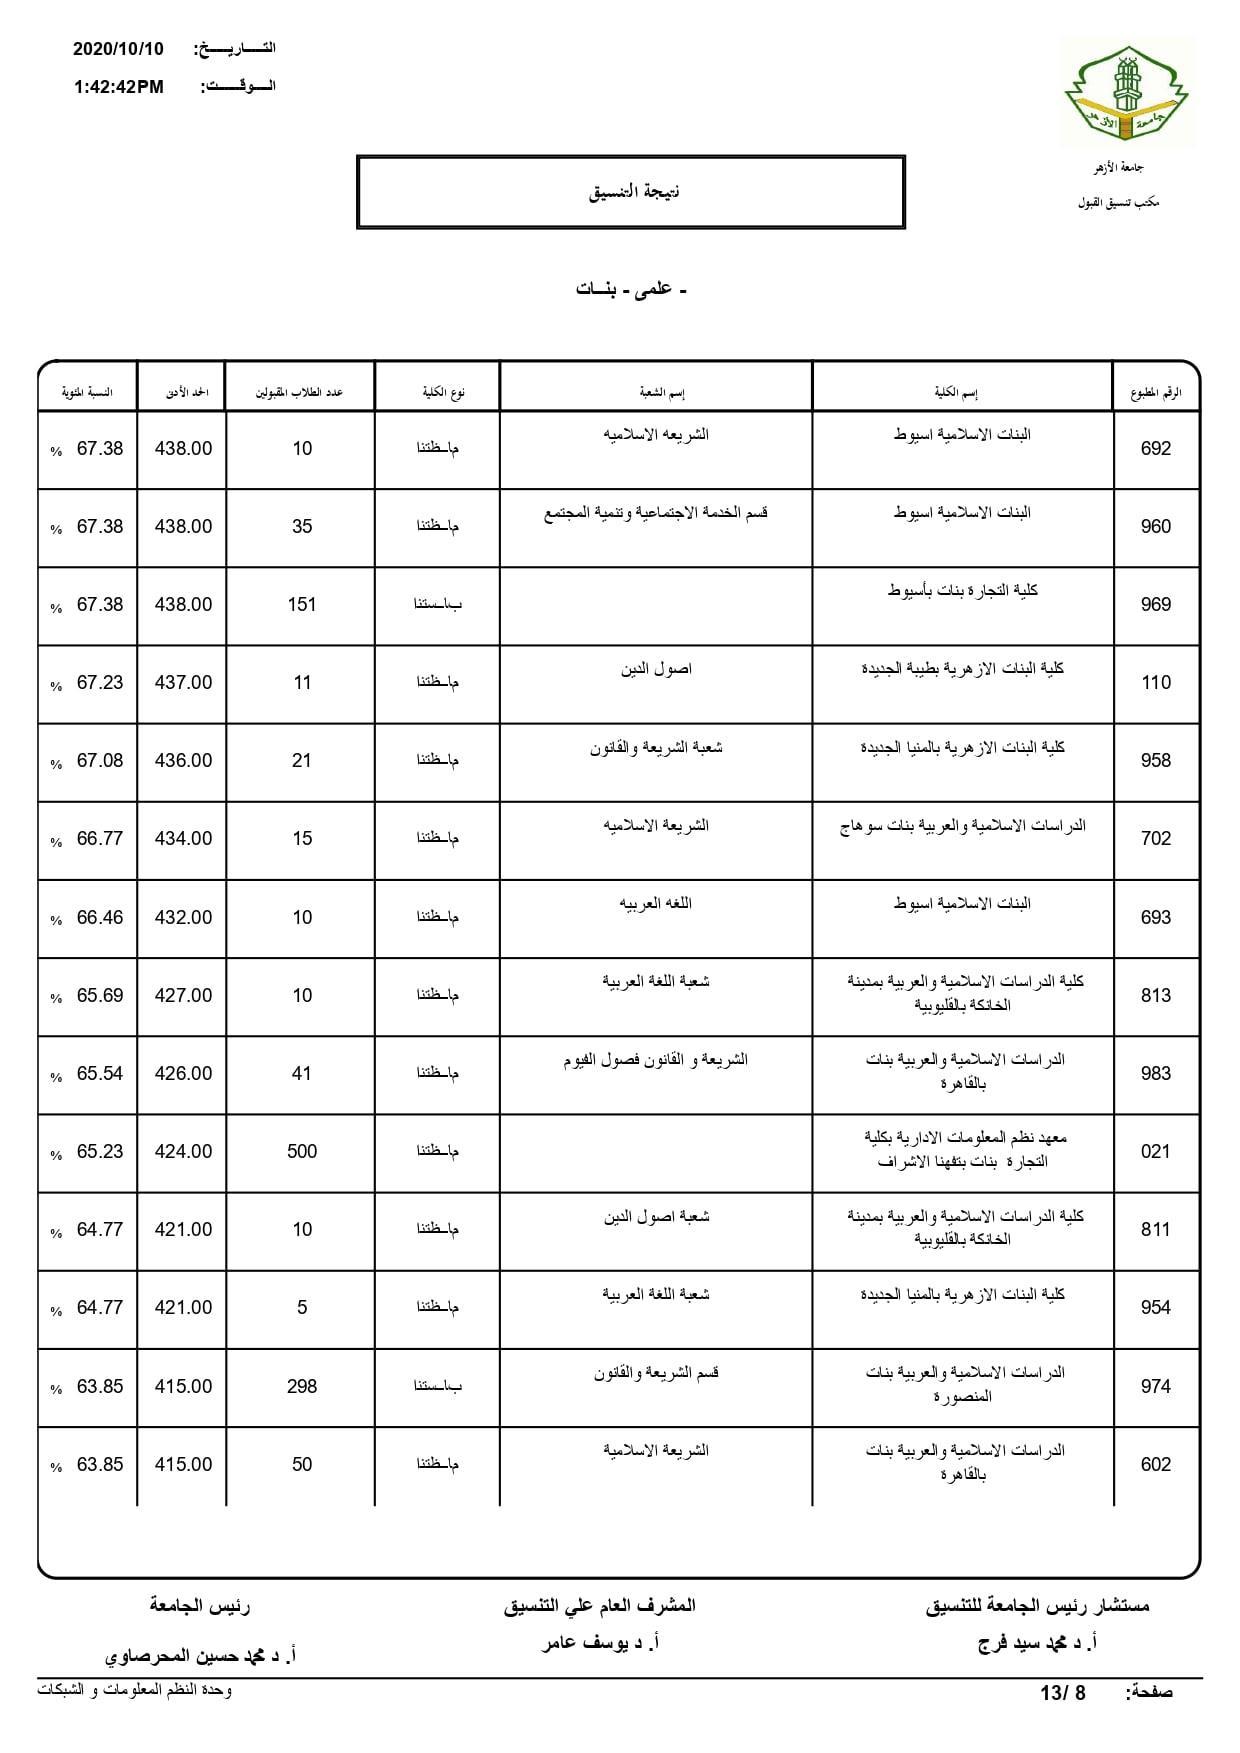 نتيجة تنسيق كليات جامعة الأزهر لعام 2020 بالكامل 20201010203408195